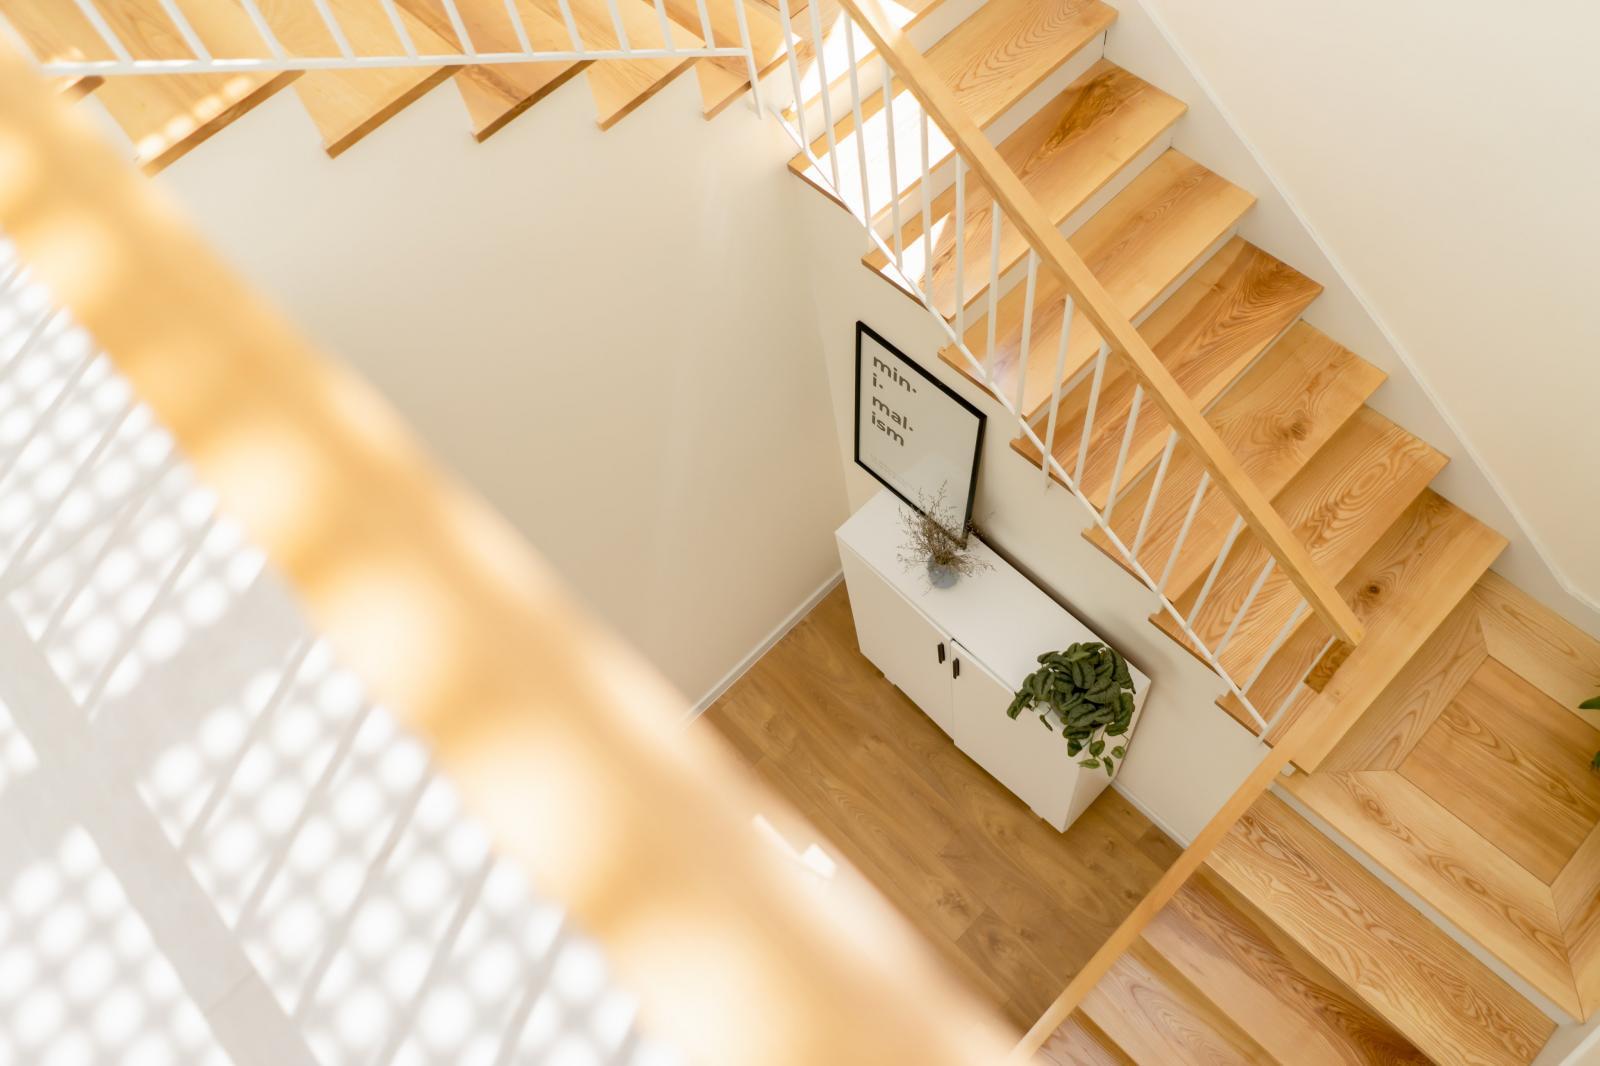 Cầu thang bằng gỗ sáng màu kết nối 2 tầng nhà.